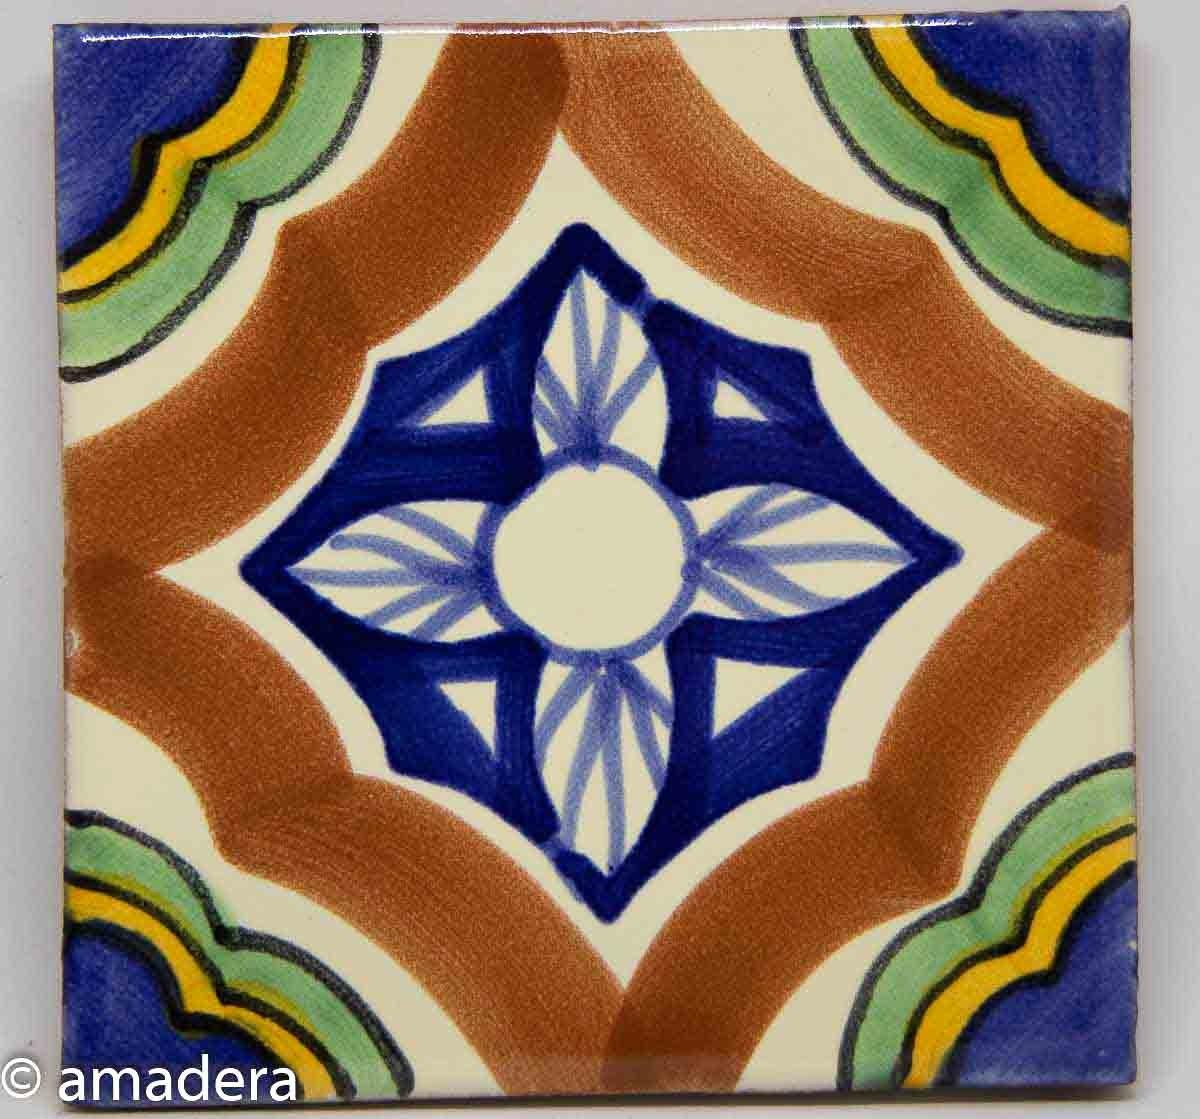 Carrelage en c/éramique mexicaine Tuile unique 10,5 cm fait /à la main et /éthiquement n/égoci/é par Tumia LAC